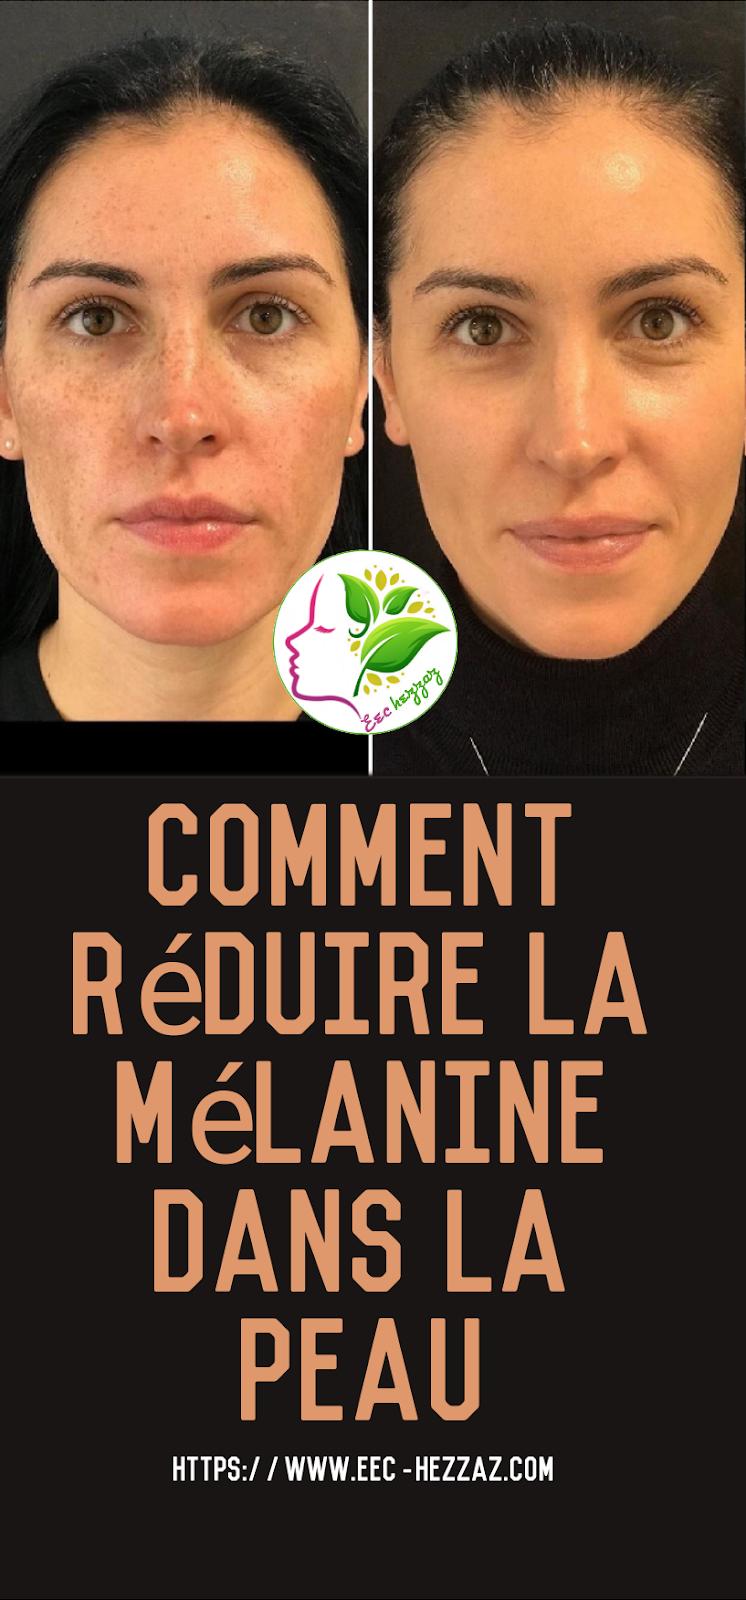 Comment réduire la mélanine dans la peau